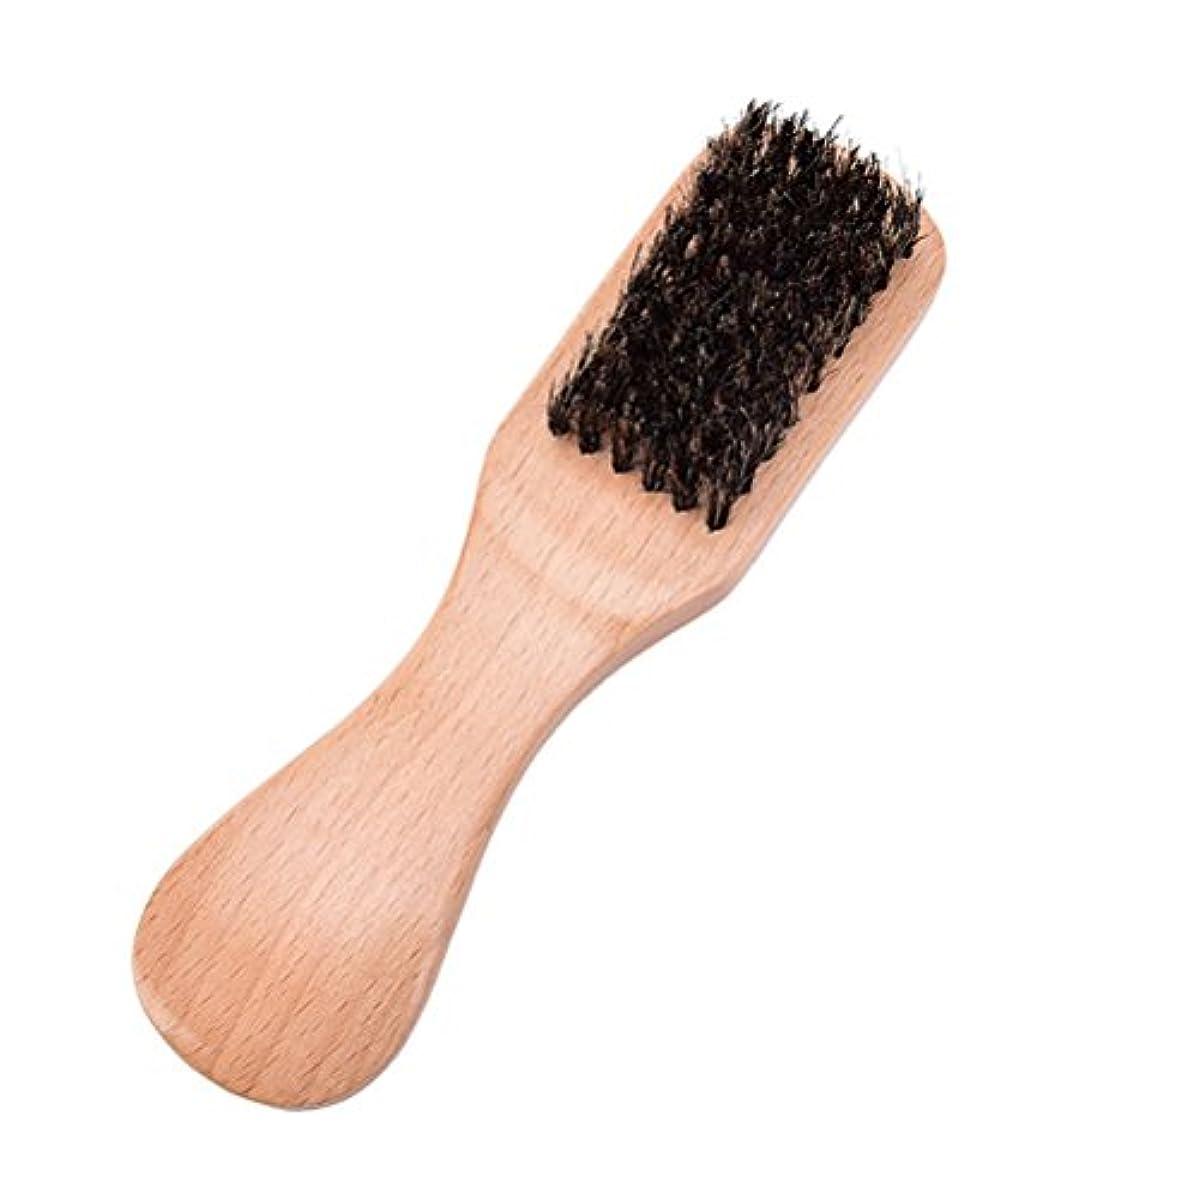 バトル傀儡デッドロックVORCOOL ひげそりのブラシの猪毛皮の口ひげのブラシ柔らかい自然な毛の毛のブラシの木製のハンドル